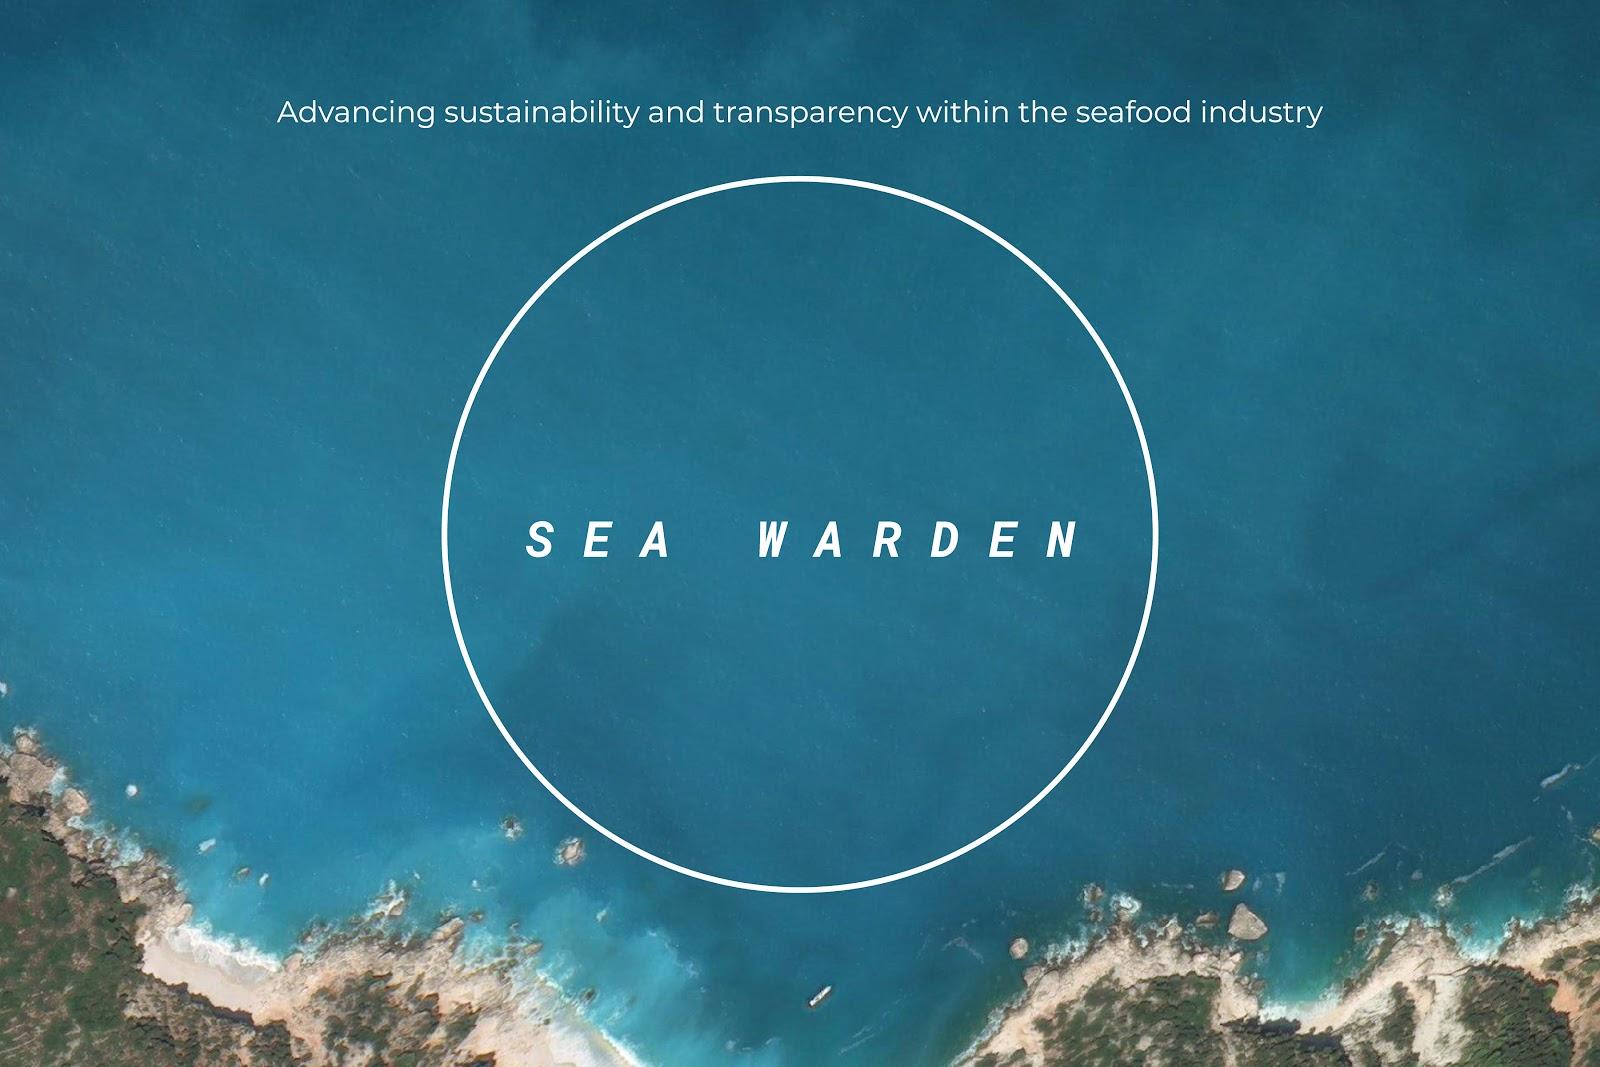 Sea Warden wins